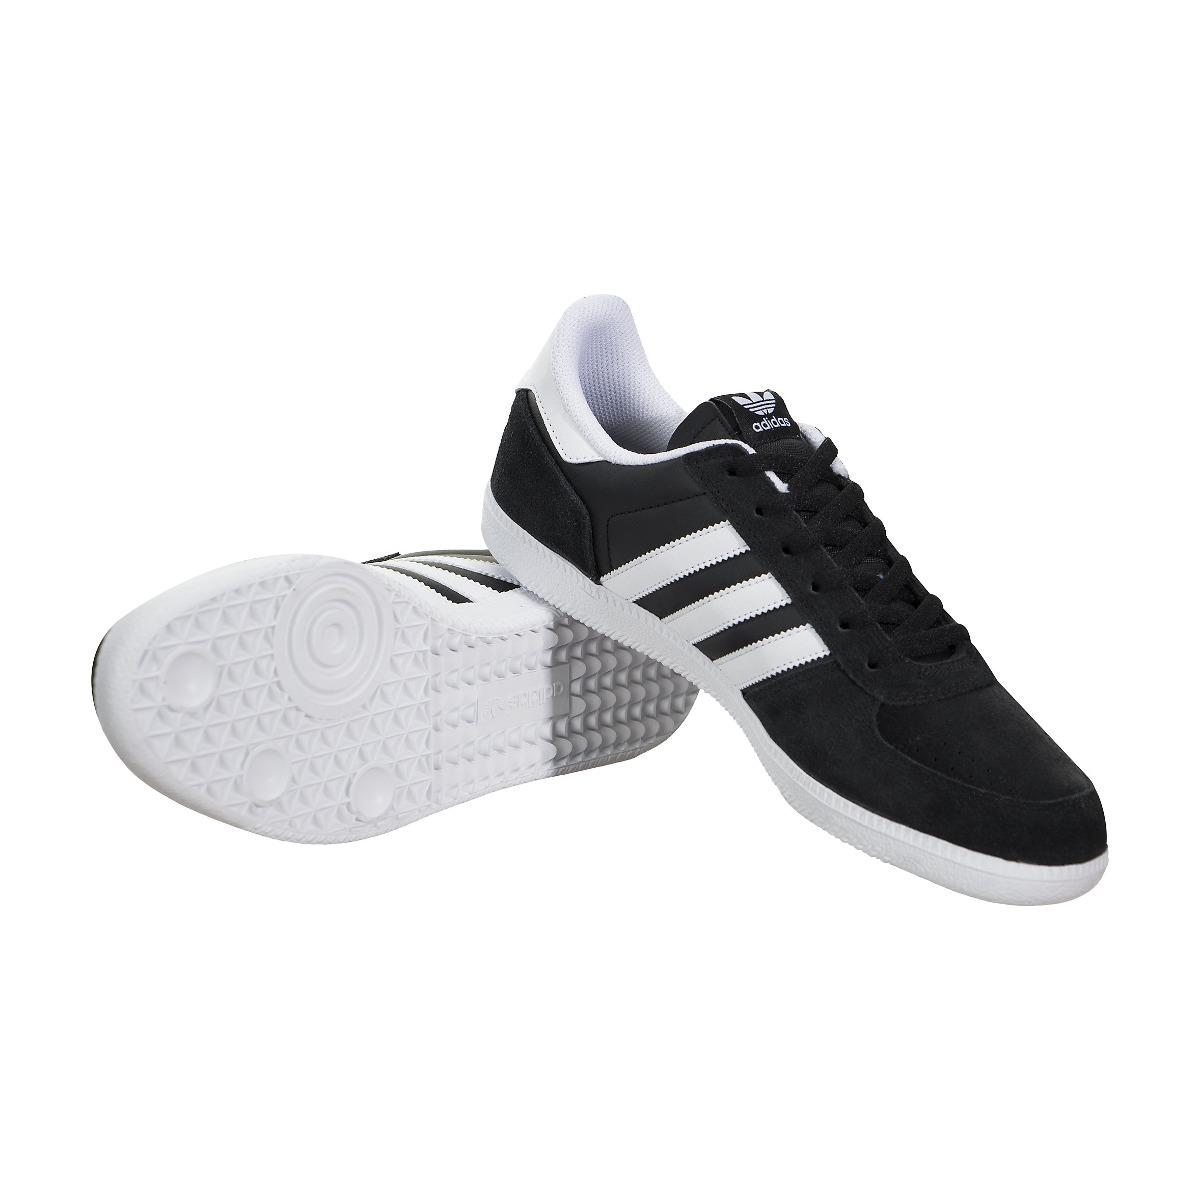 6d28b5905e3 tenis -adidas-originals-leonero-bb8530-dancing-originals-D NQ NP 650922-MLM25791876103 072017-F.jpg